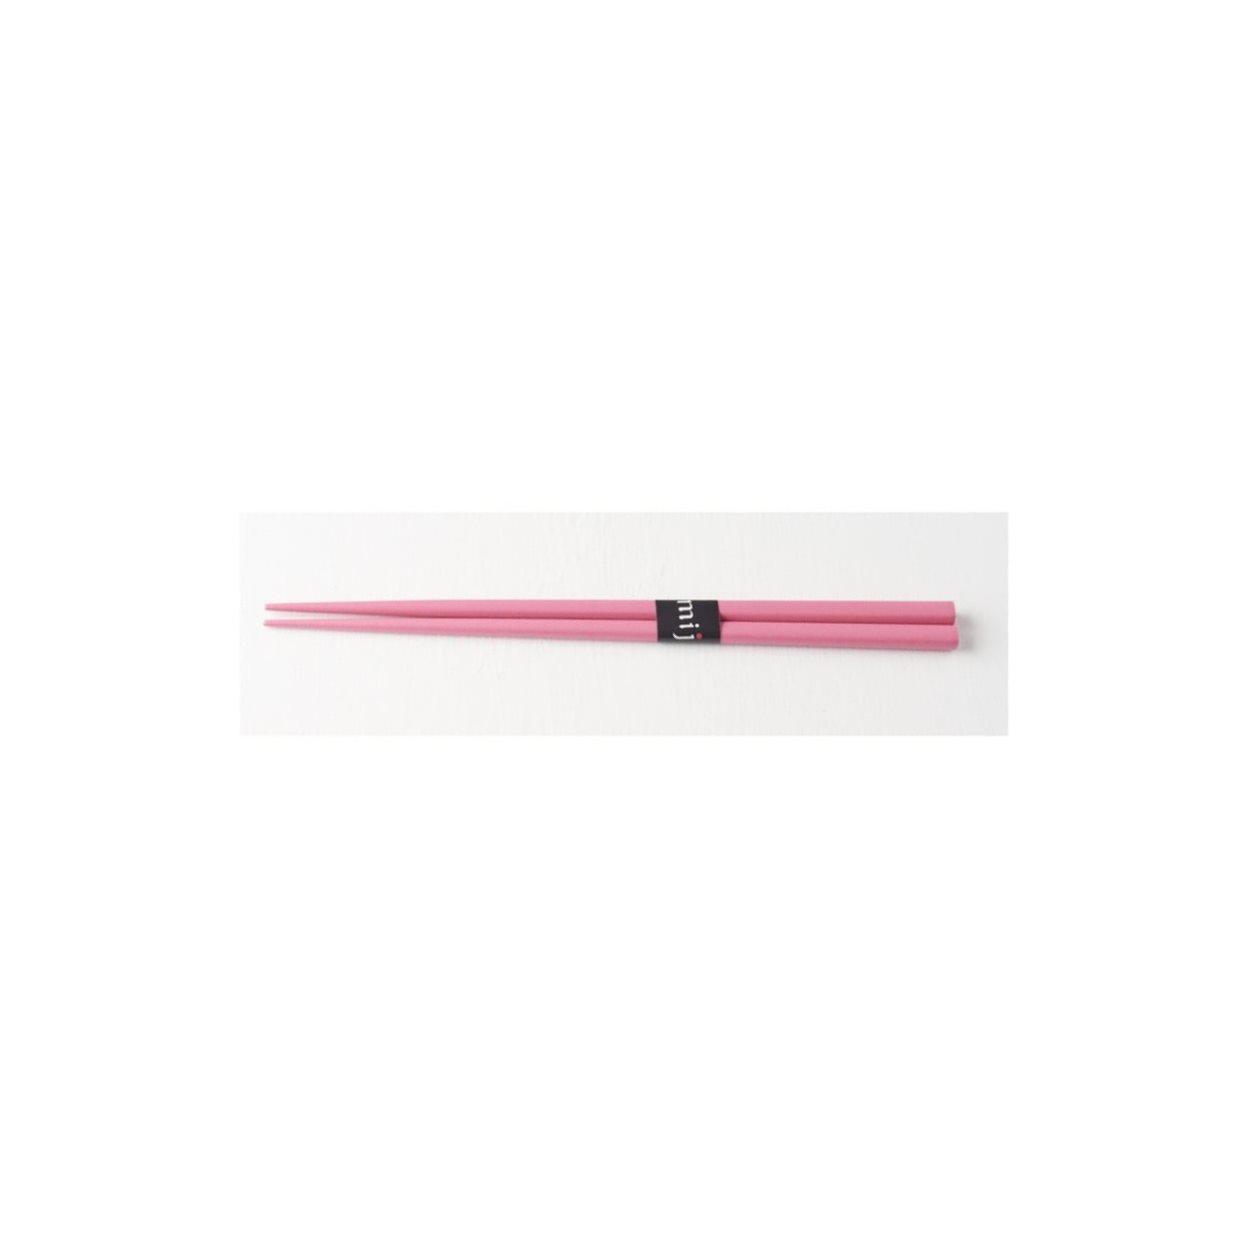 Jídelní hůlky, růžové - Made in Japan